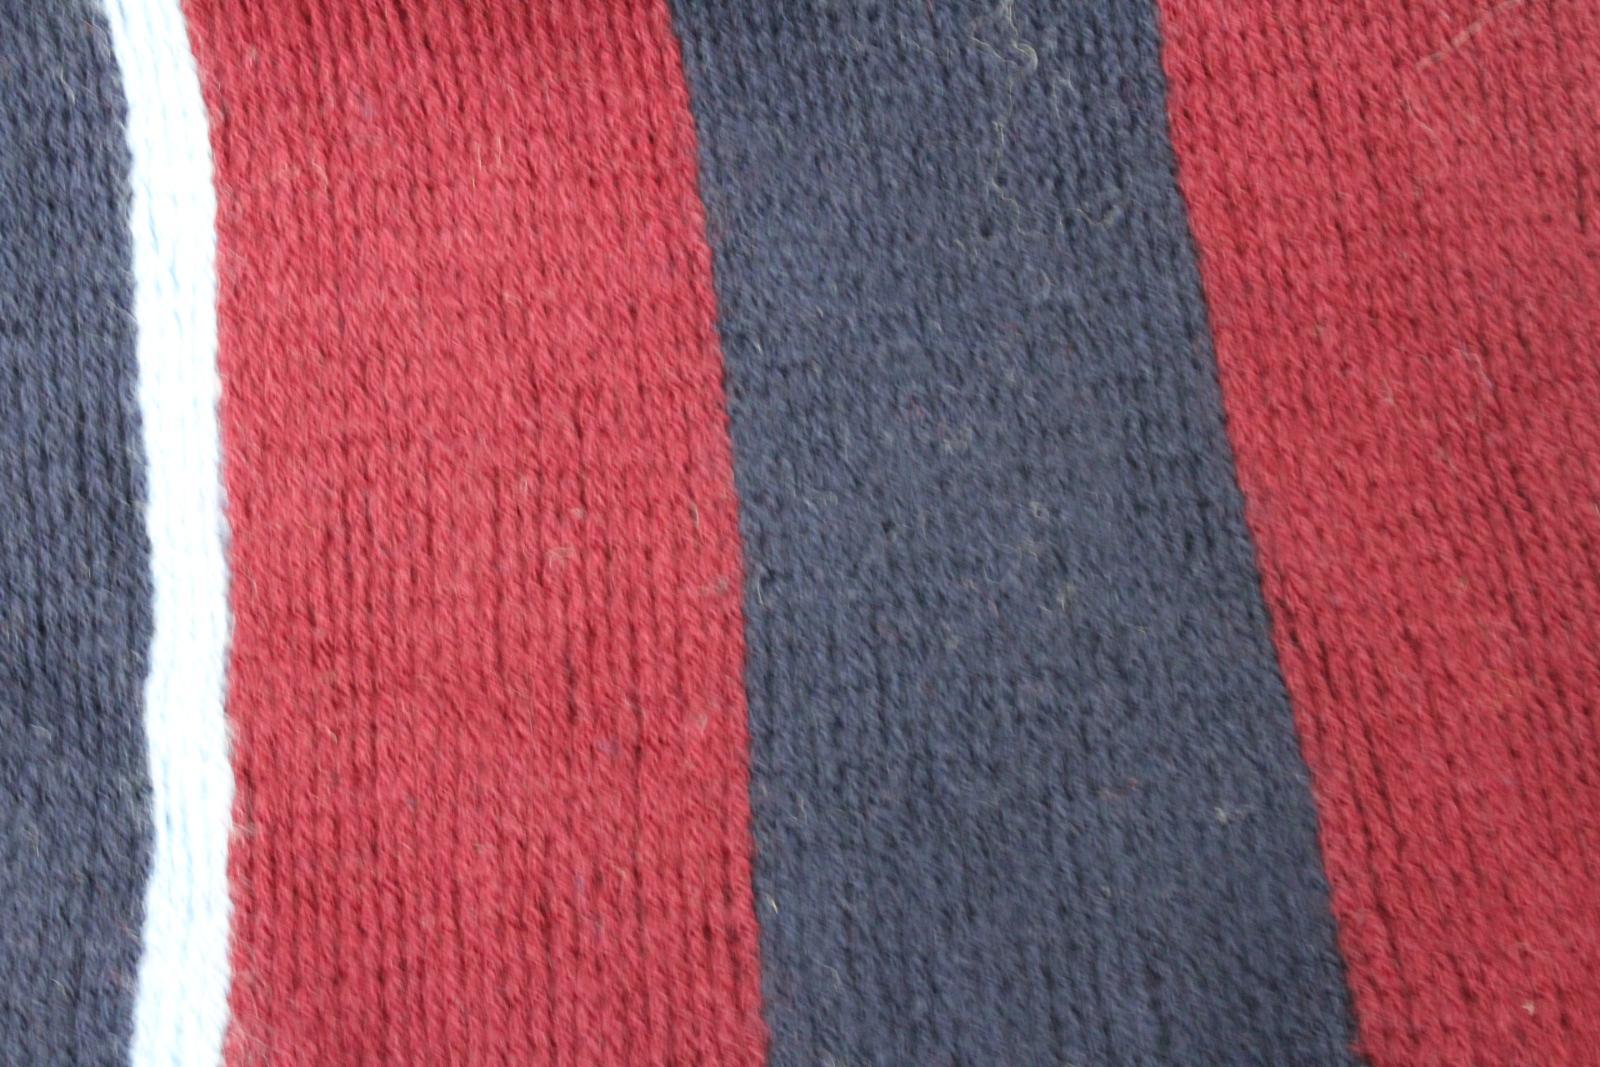 Hilltop-Homme-Bleu-amp-Rouge-Laine-depouille-rectangulaire-Tricot-echarpe-152-cm-x-20-cm miniature 10